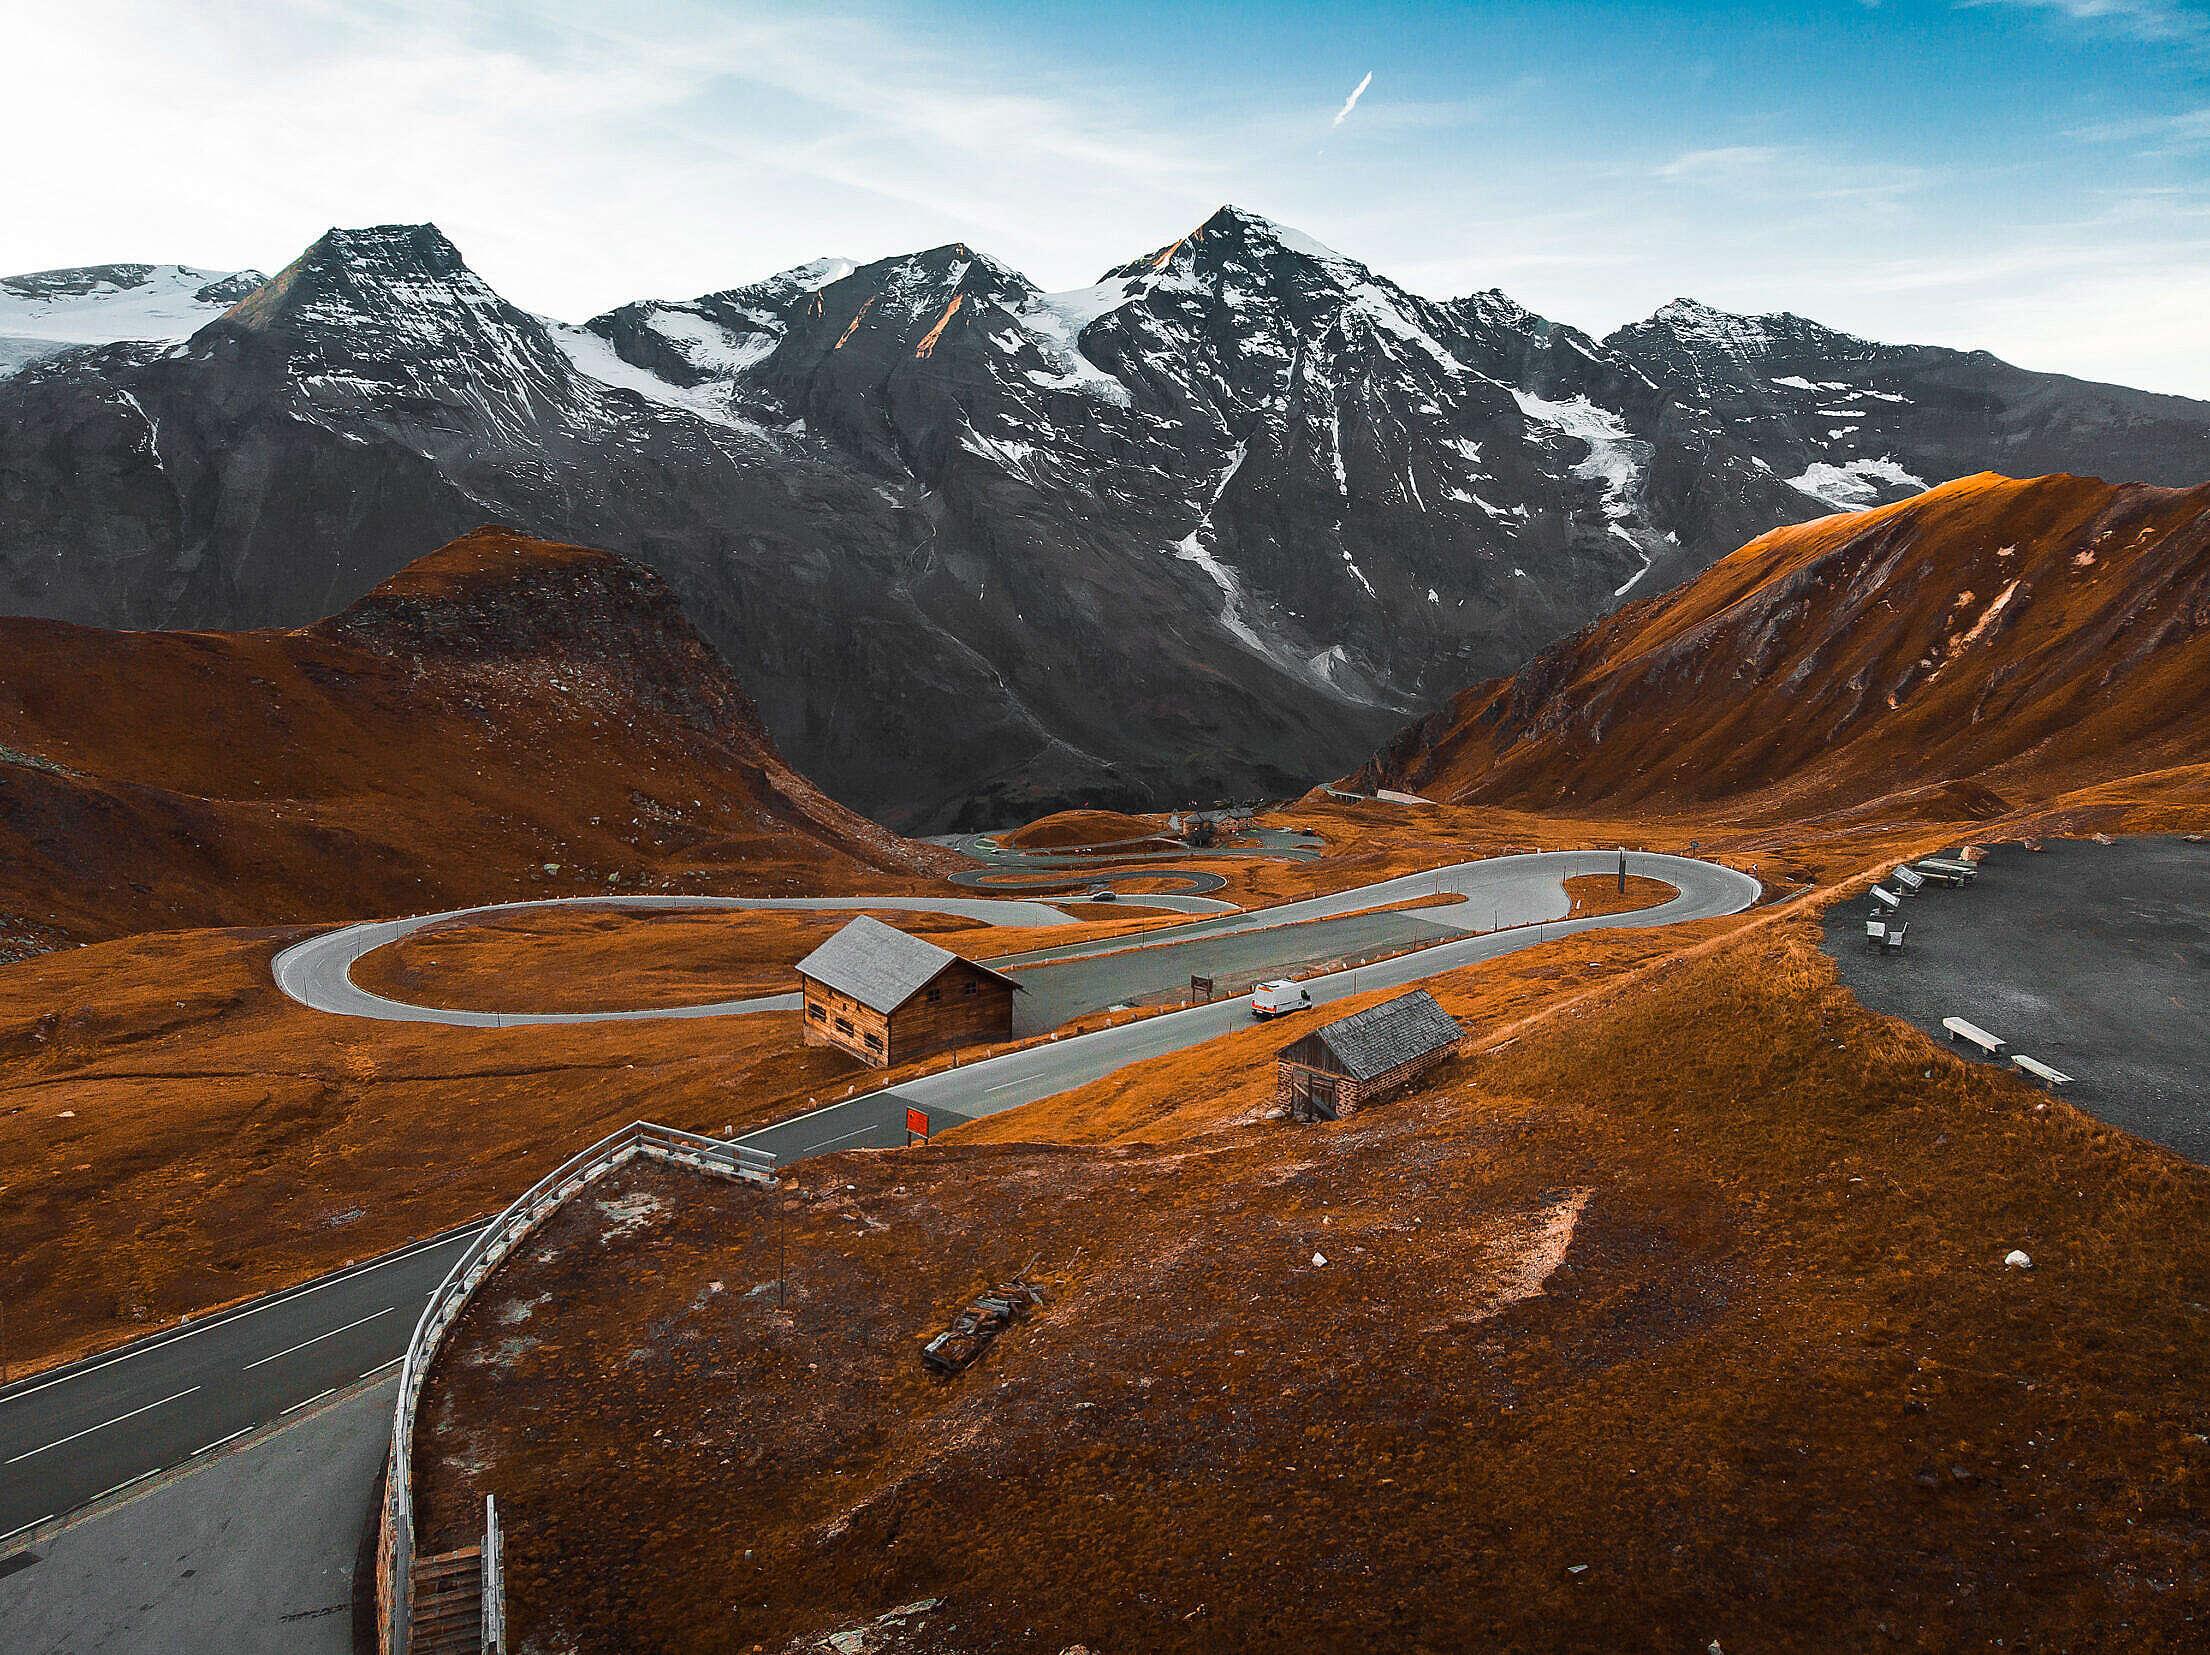 Mountain Roads in Autumn Free Stock Photo